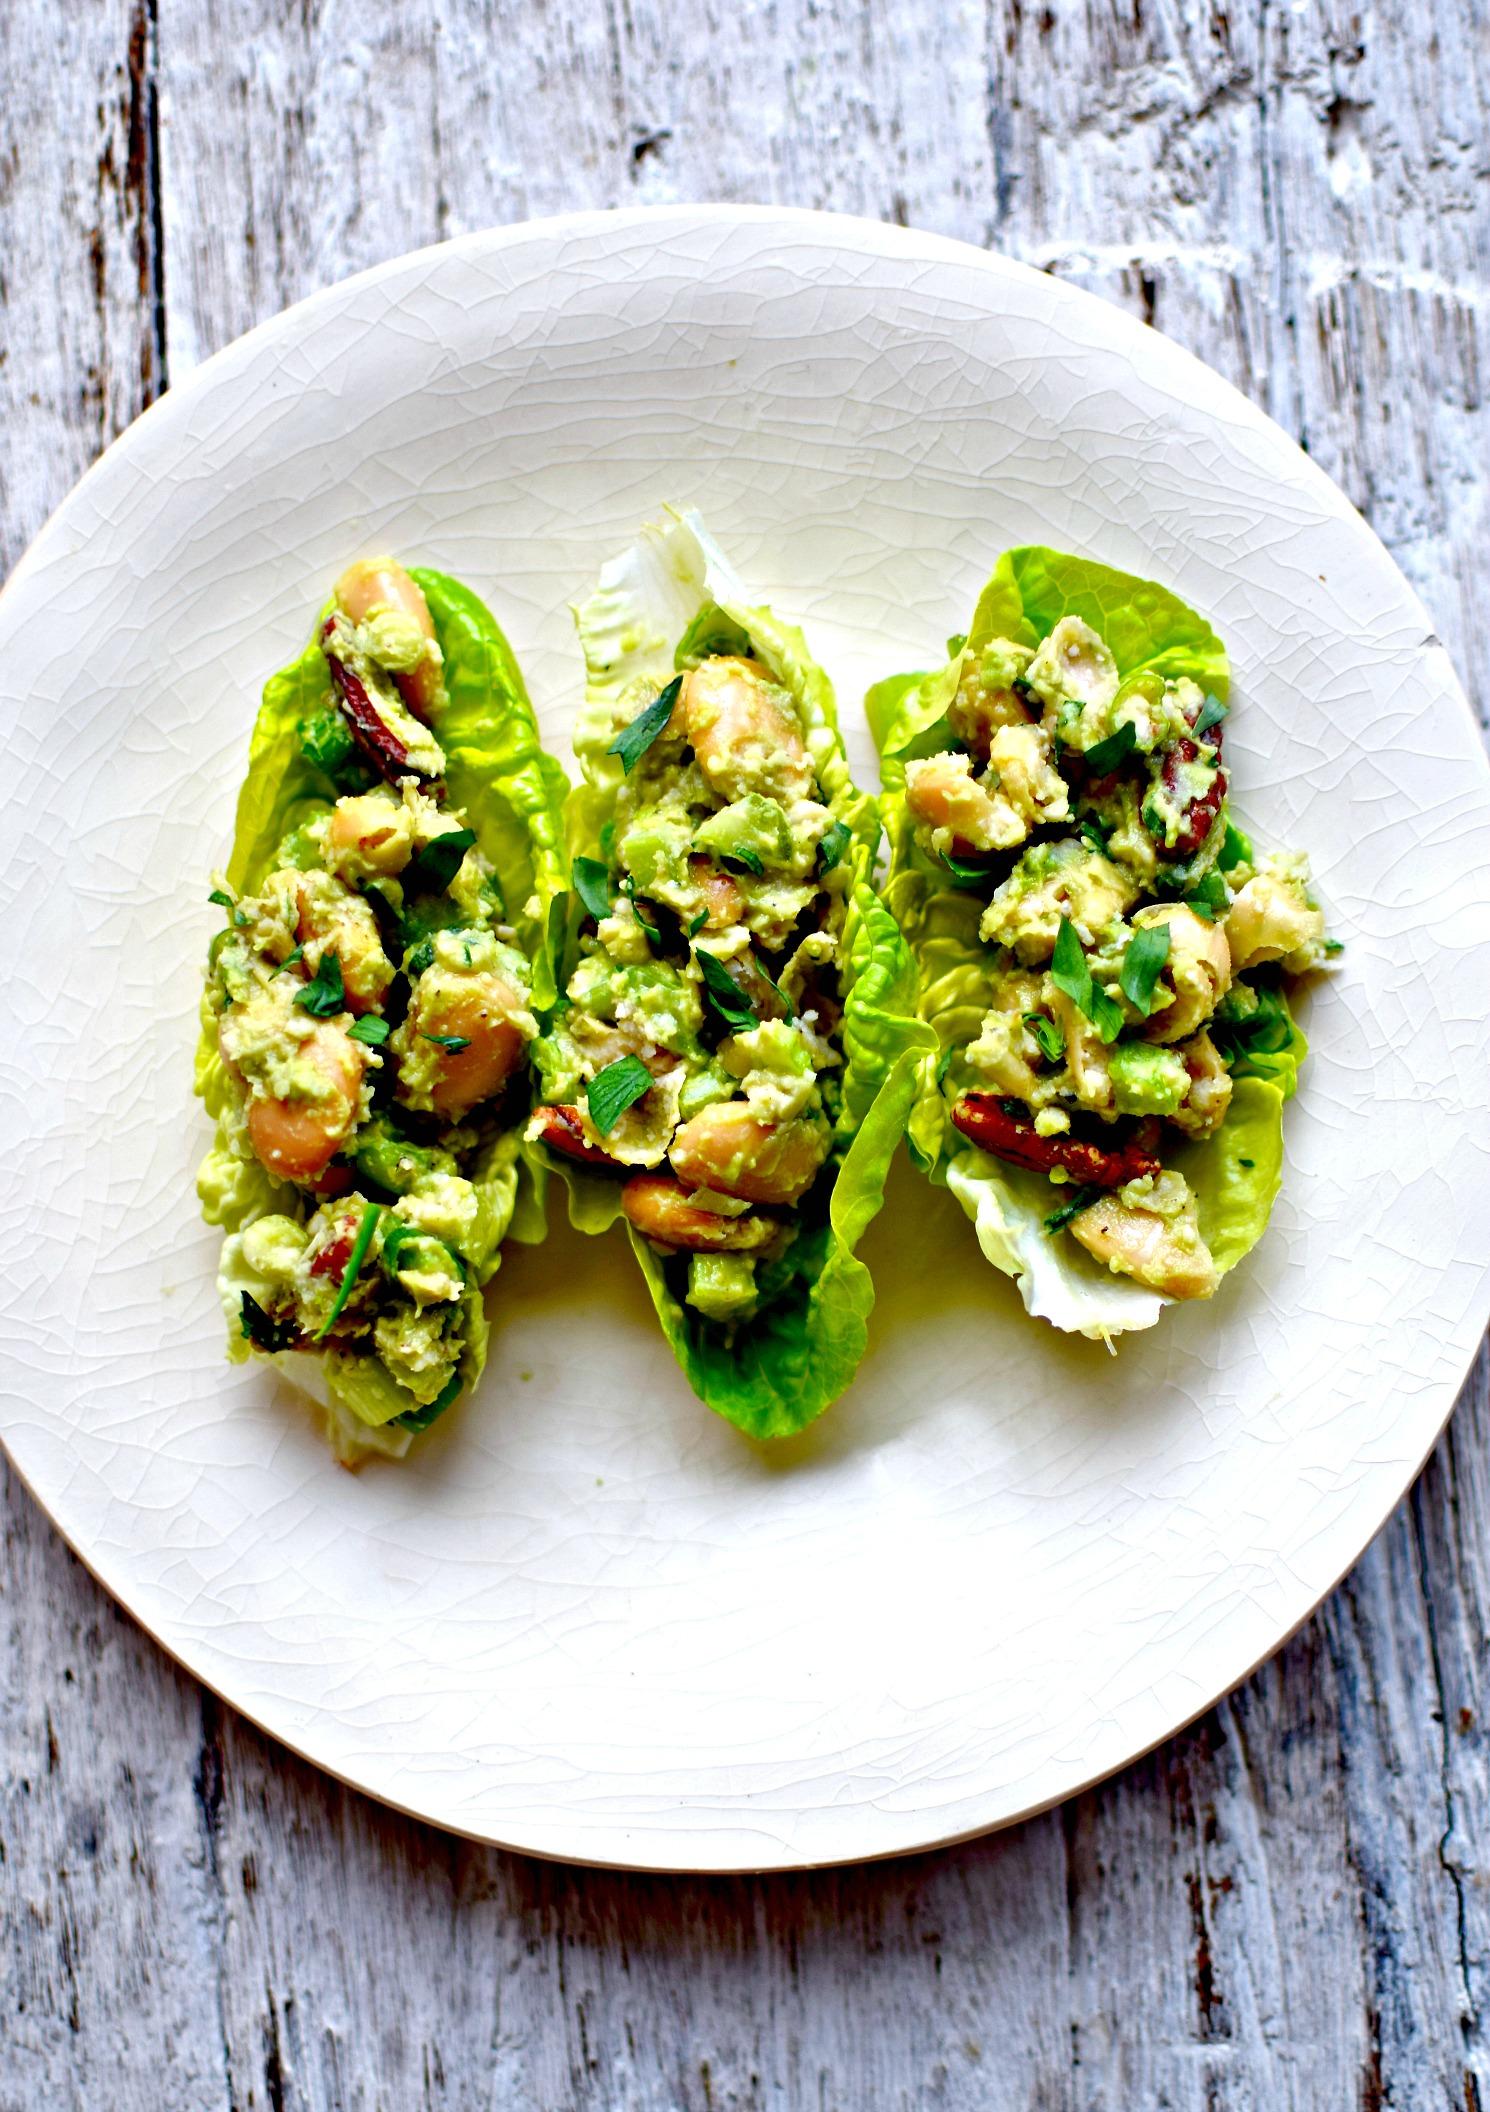 Chicken Salad Recipe No Celery